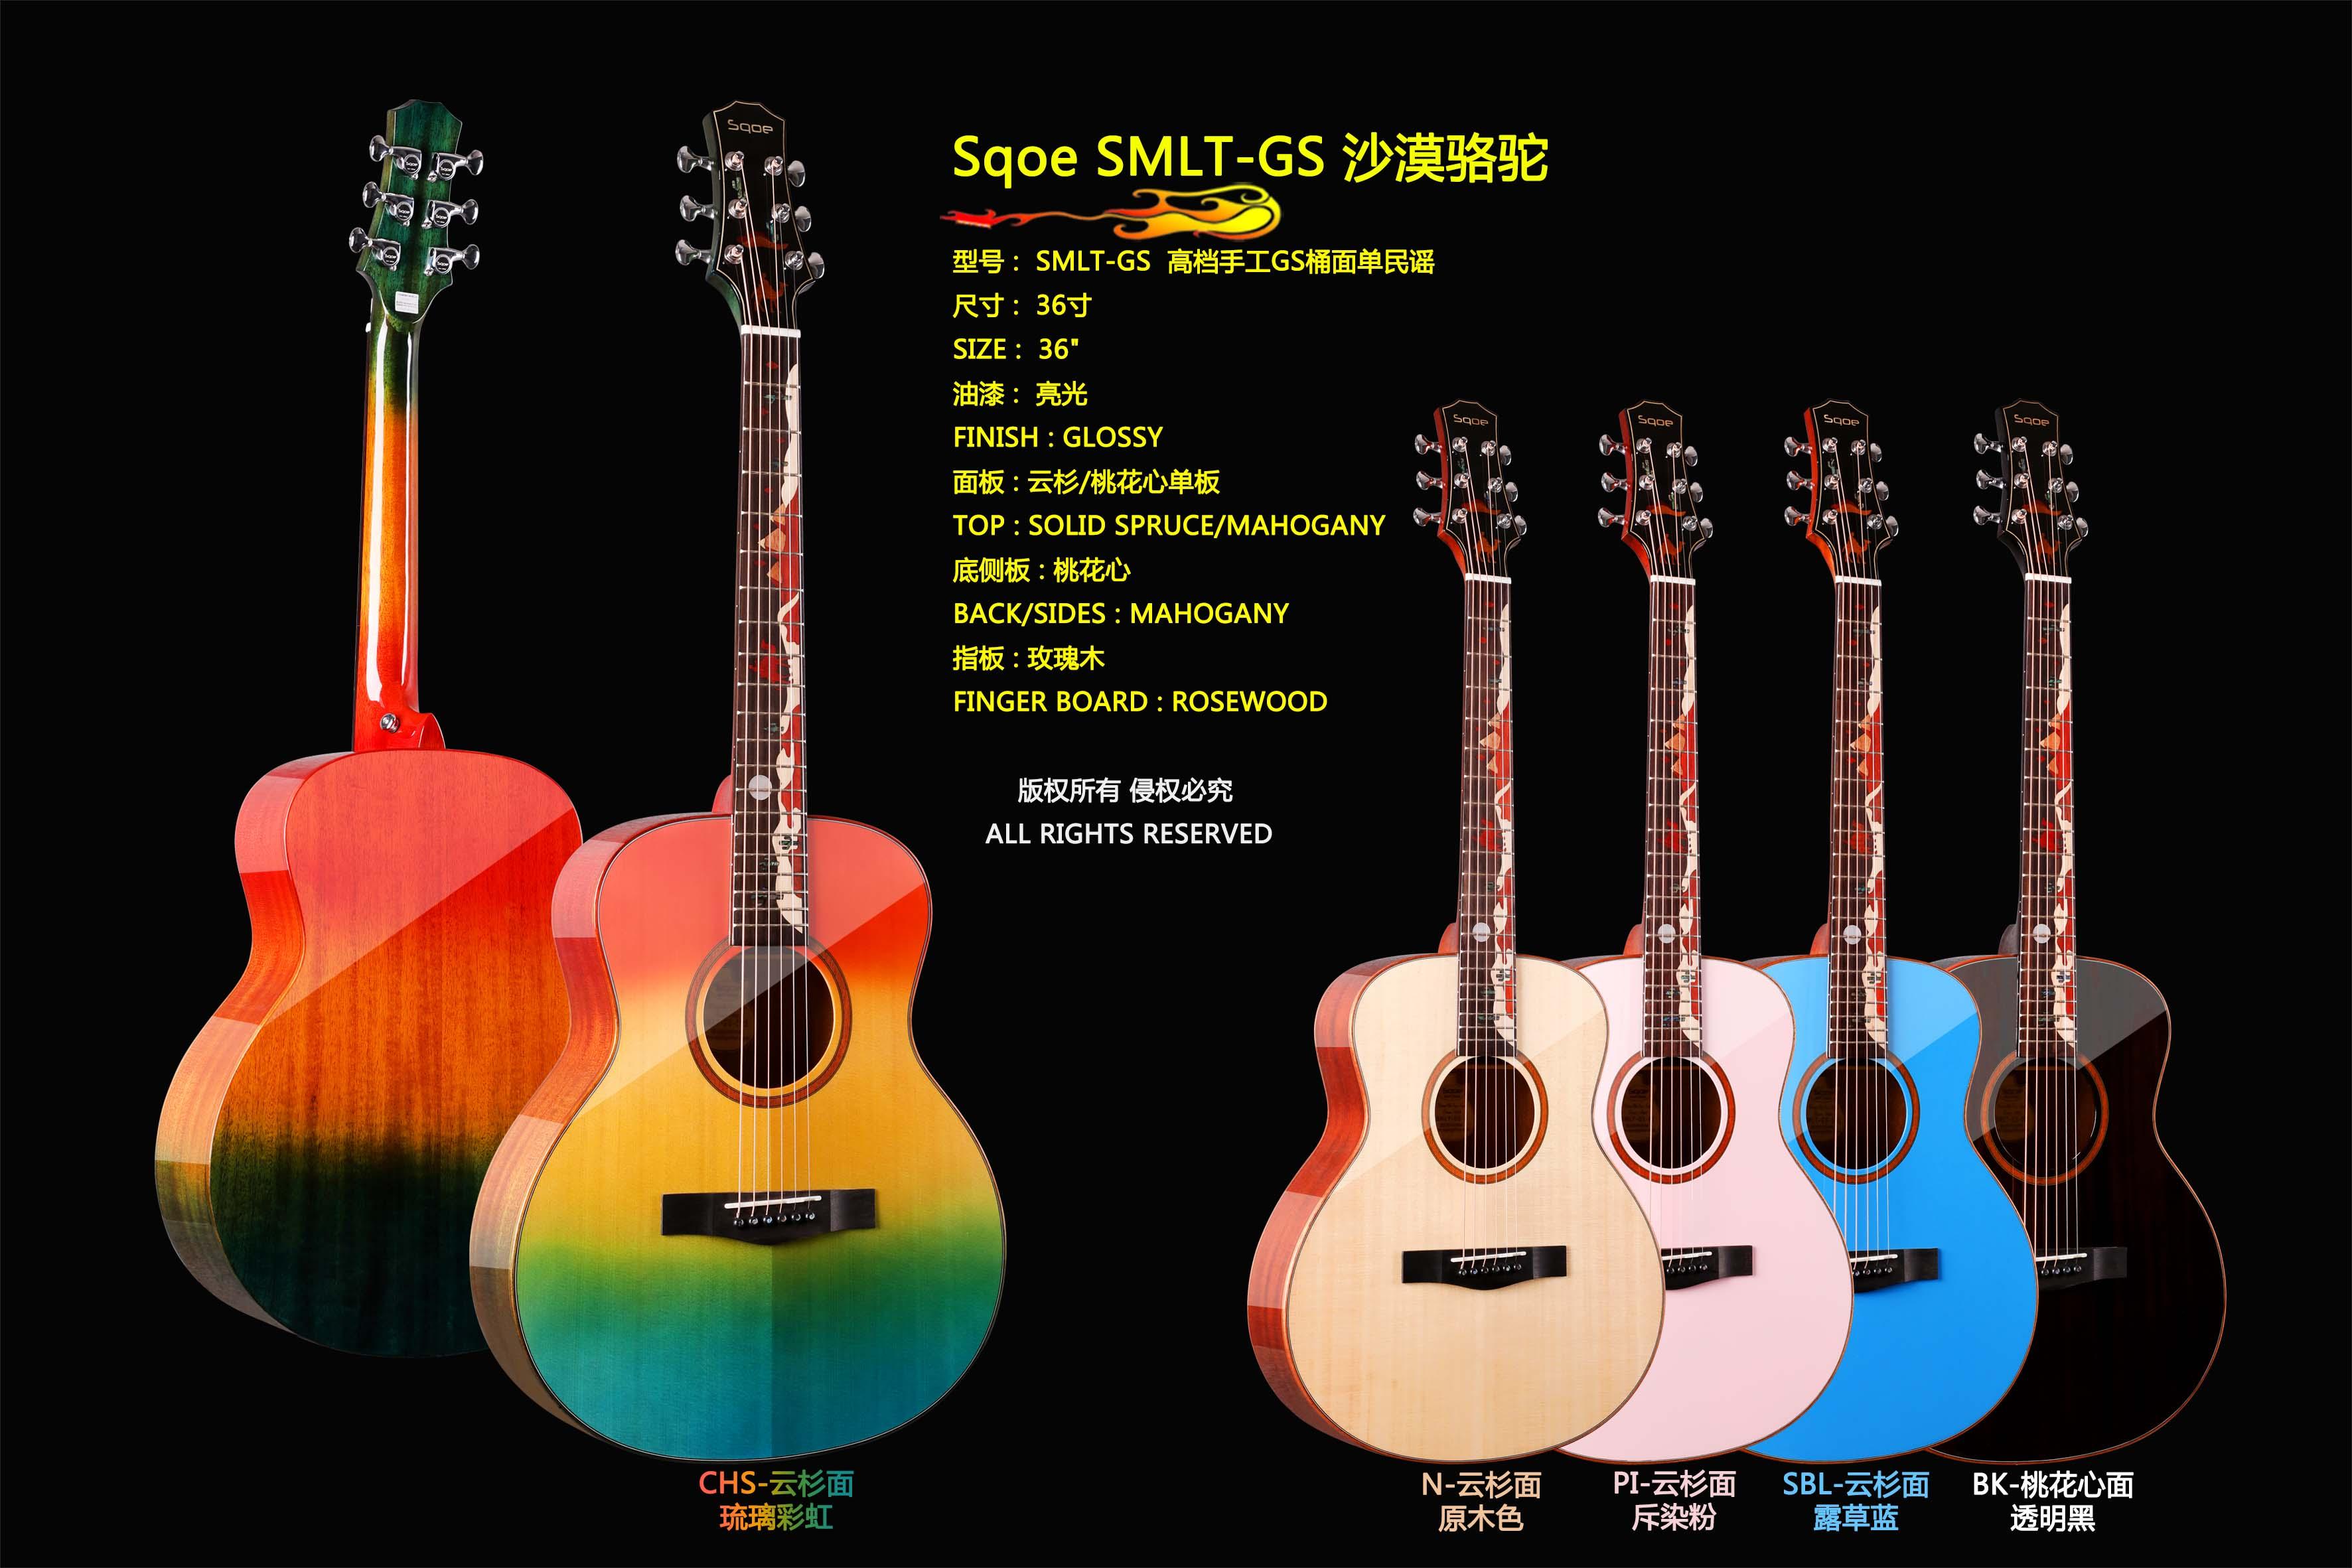 SMLT-GS